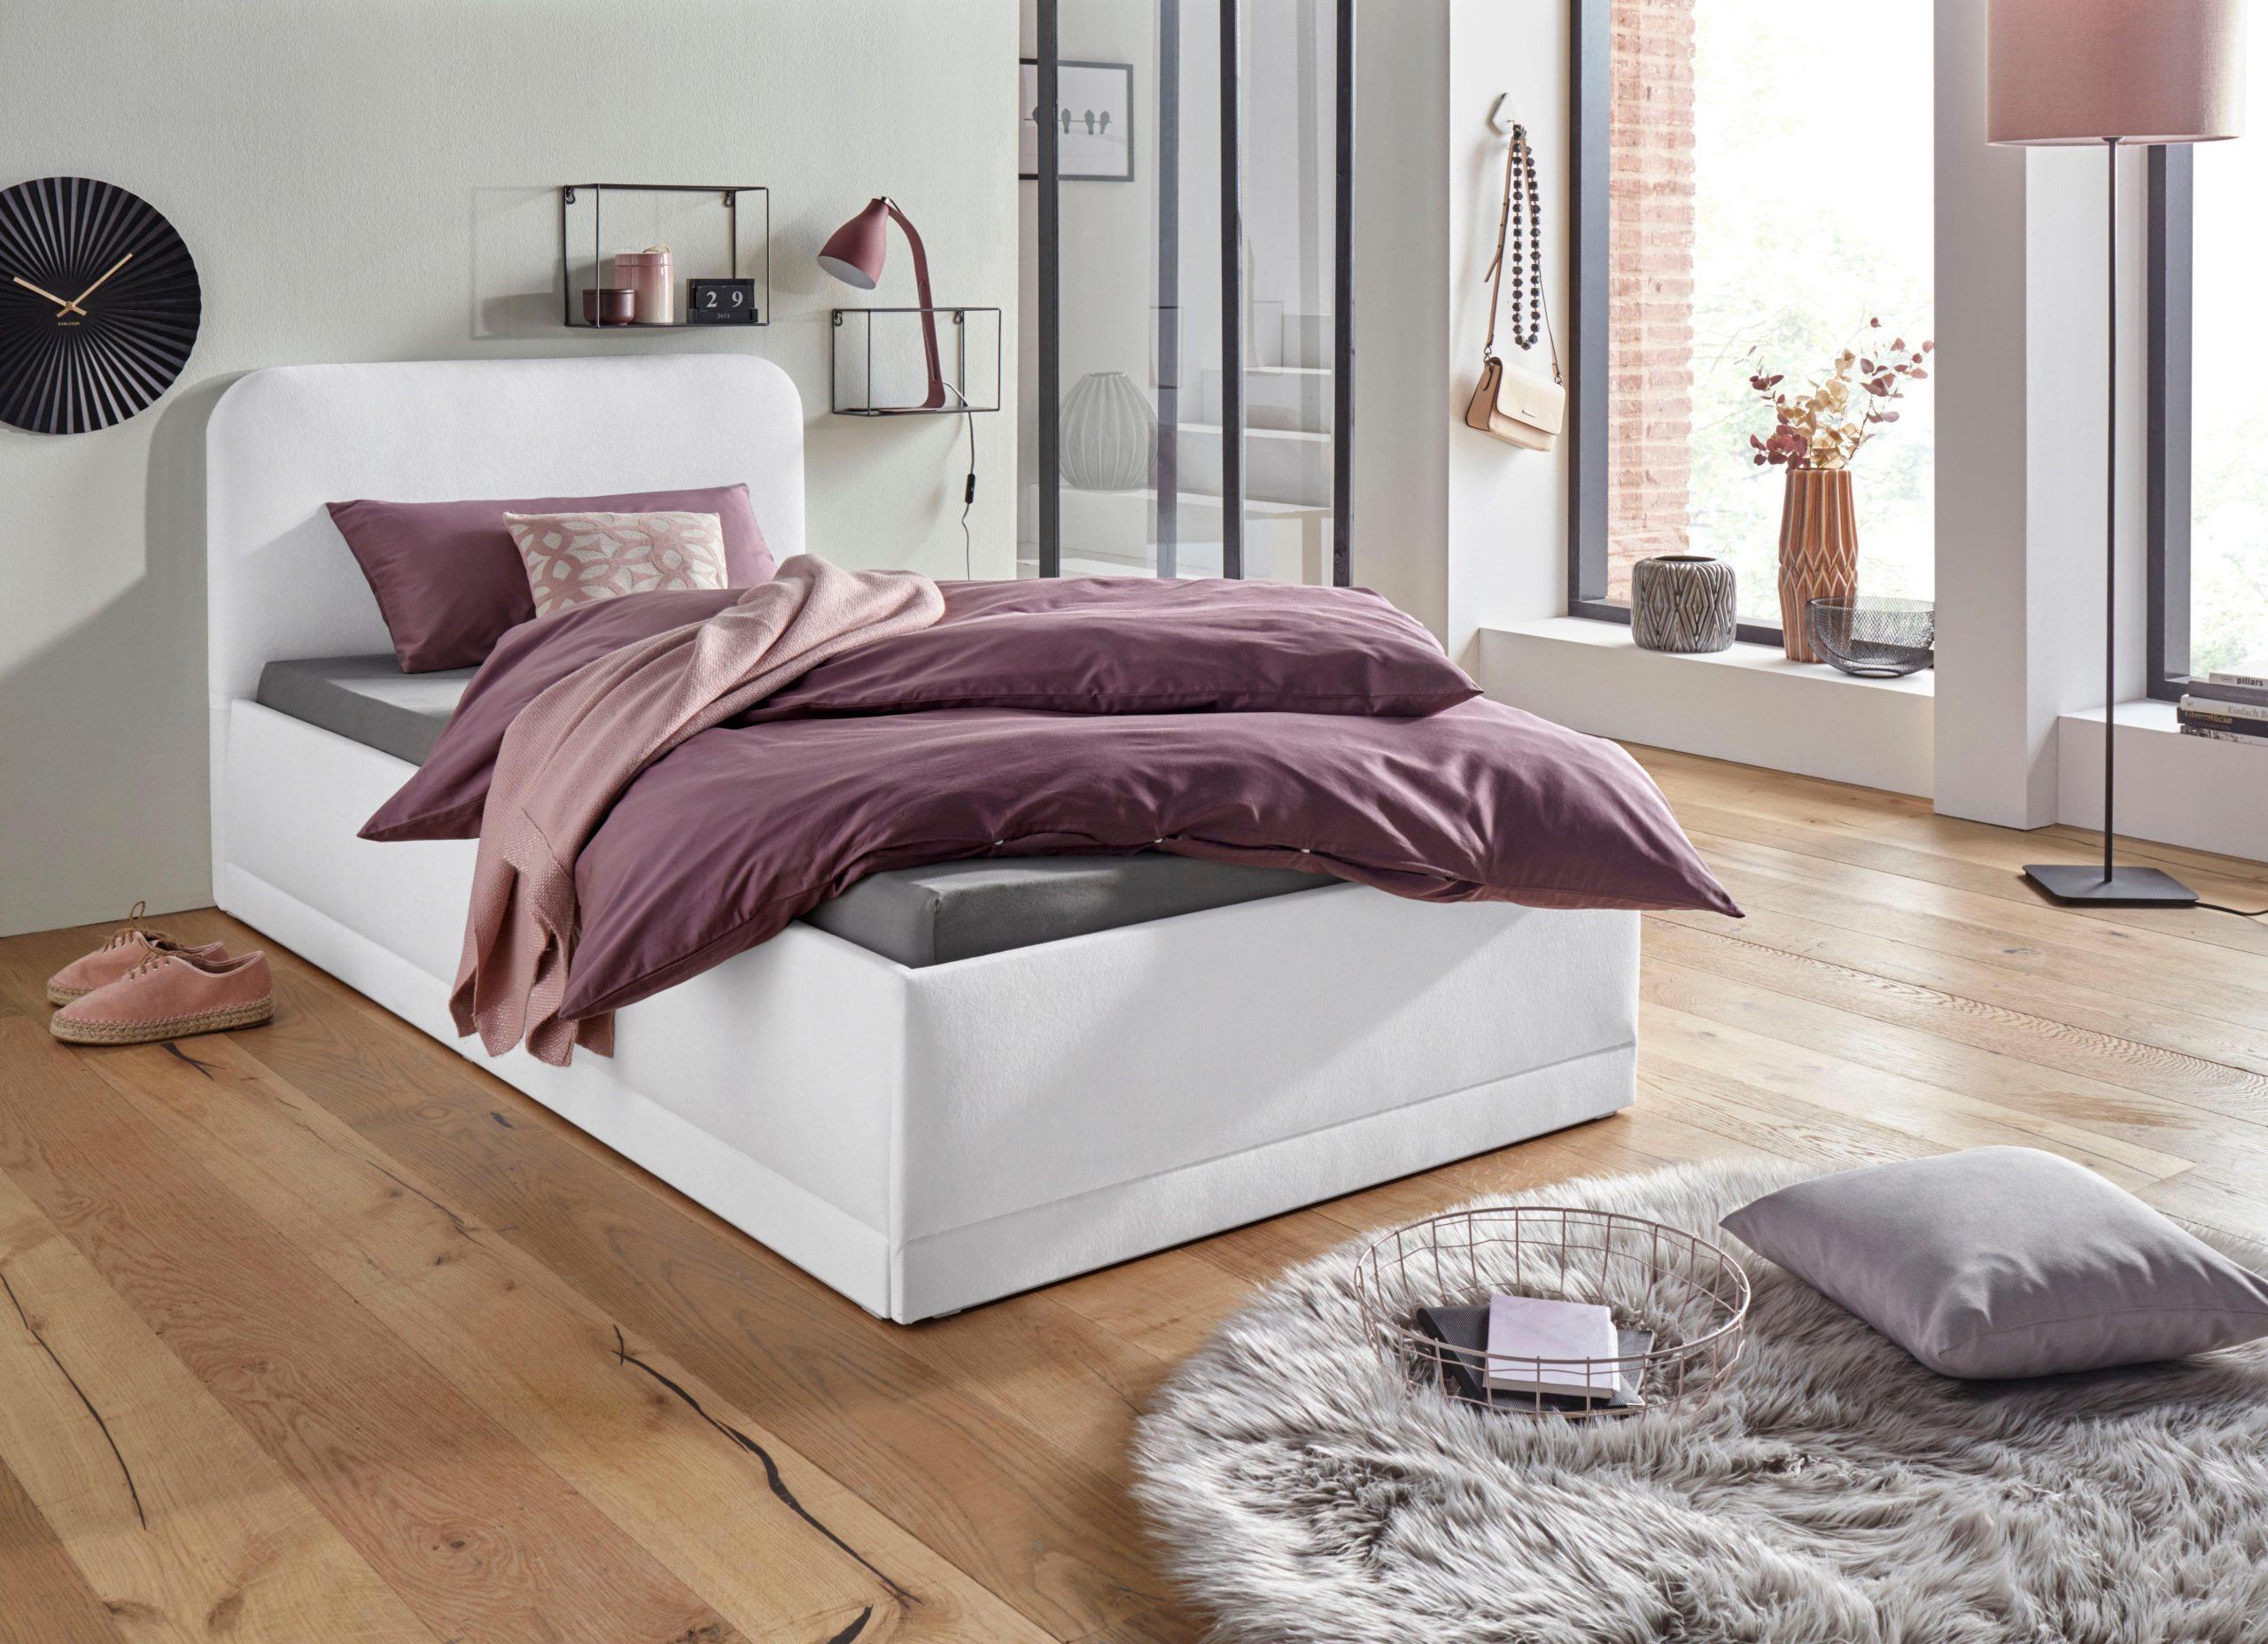 Full Size of Ikea Malm Bett Mit Aufbewahrung Aufbau Anleitung 180x200 Selber Bauen 160x200 140x200 100x200 White Leder Polsterbetten Online Kaufen Mbel Suchmaschine Coole Bett Bett Mit Aufbewahrung